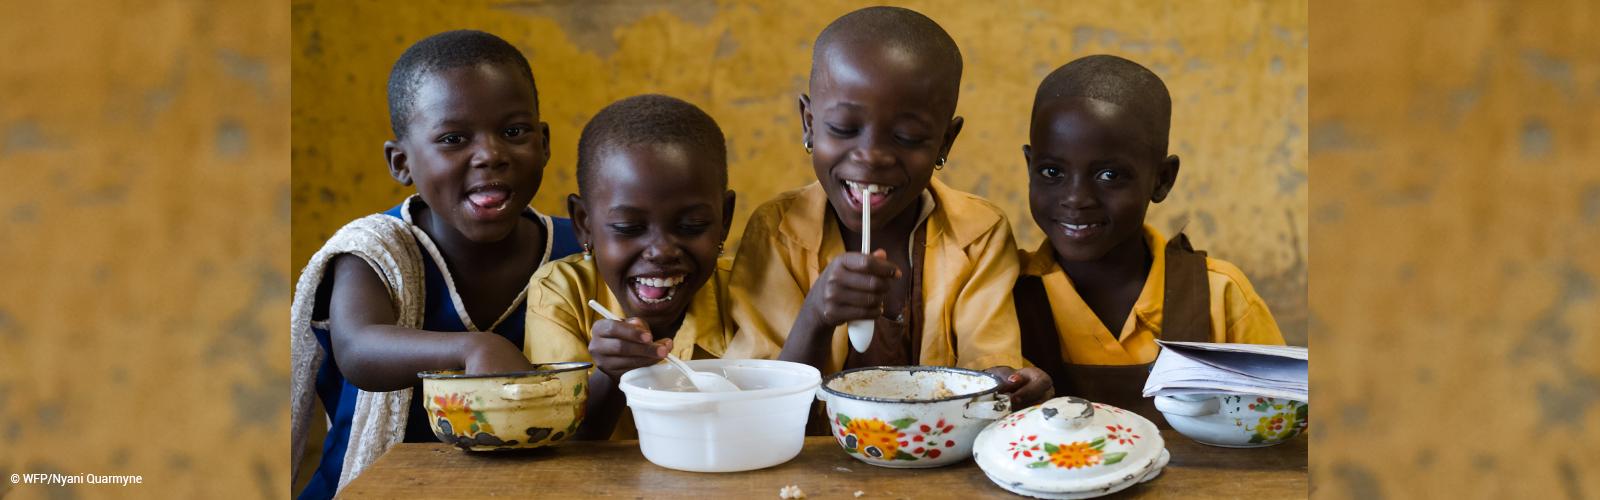 Quatro crianças estão em frente a uma mesa. Elas sorriem e comem em pratos com decoração de flores.